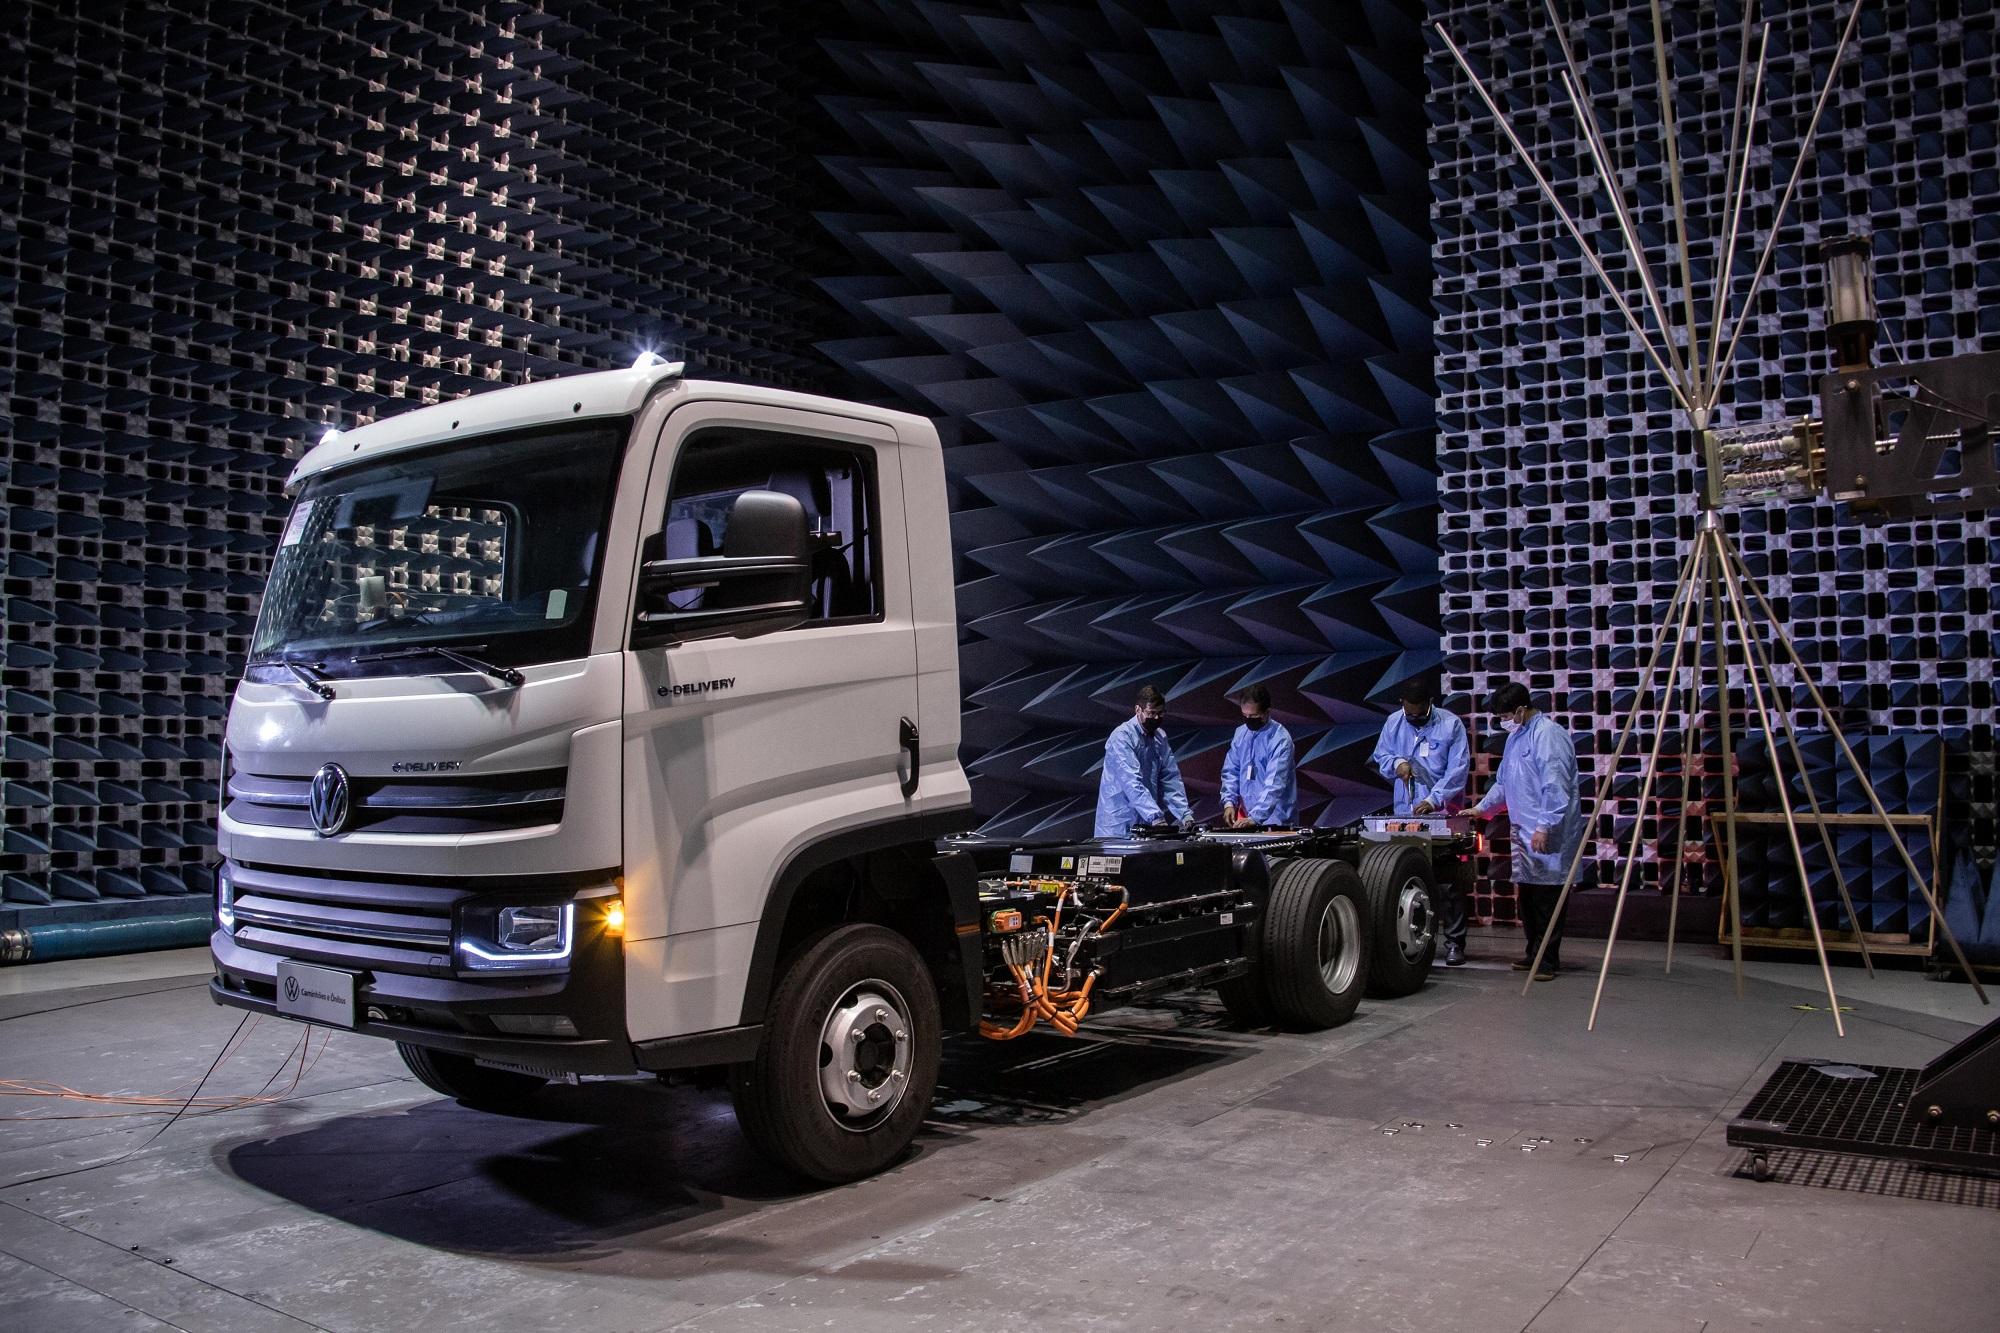 Volkswagen ressaltou a vastidão de ensaios realizada em busca de padrão global de qualidade